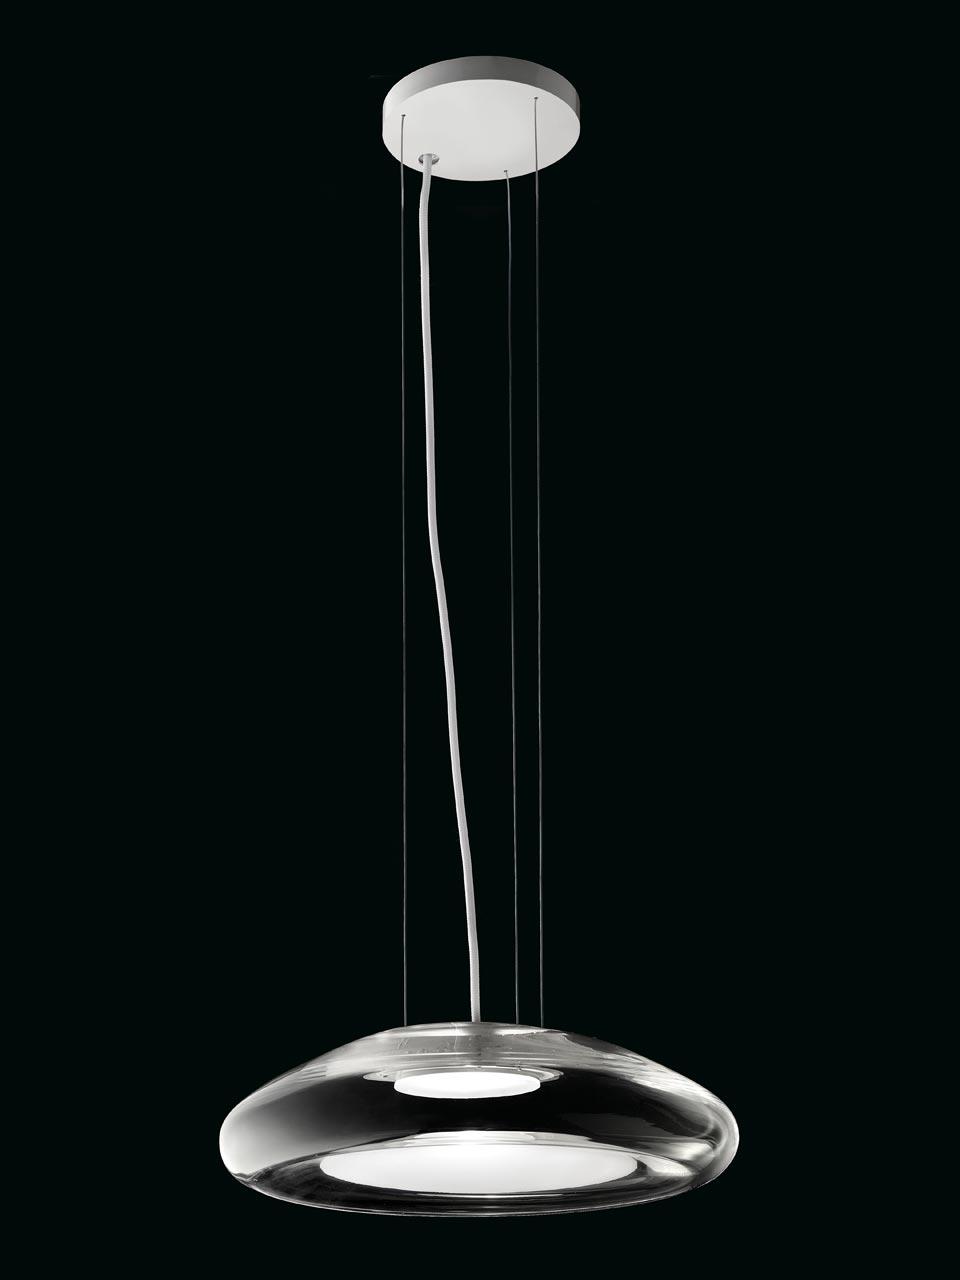 suspension keyra en verre souffl cristal transparent et opale blanc r f 16090119. Black Bedroom Furniture Sets. Home Design Ideas